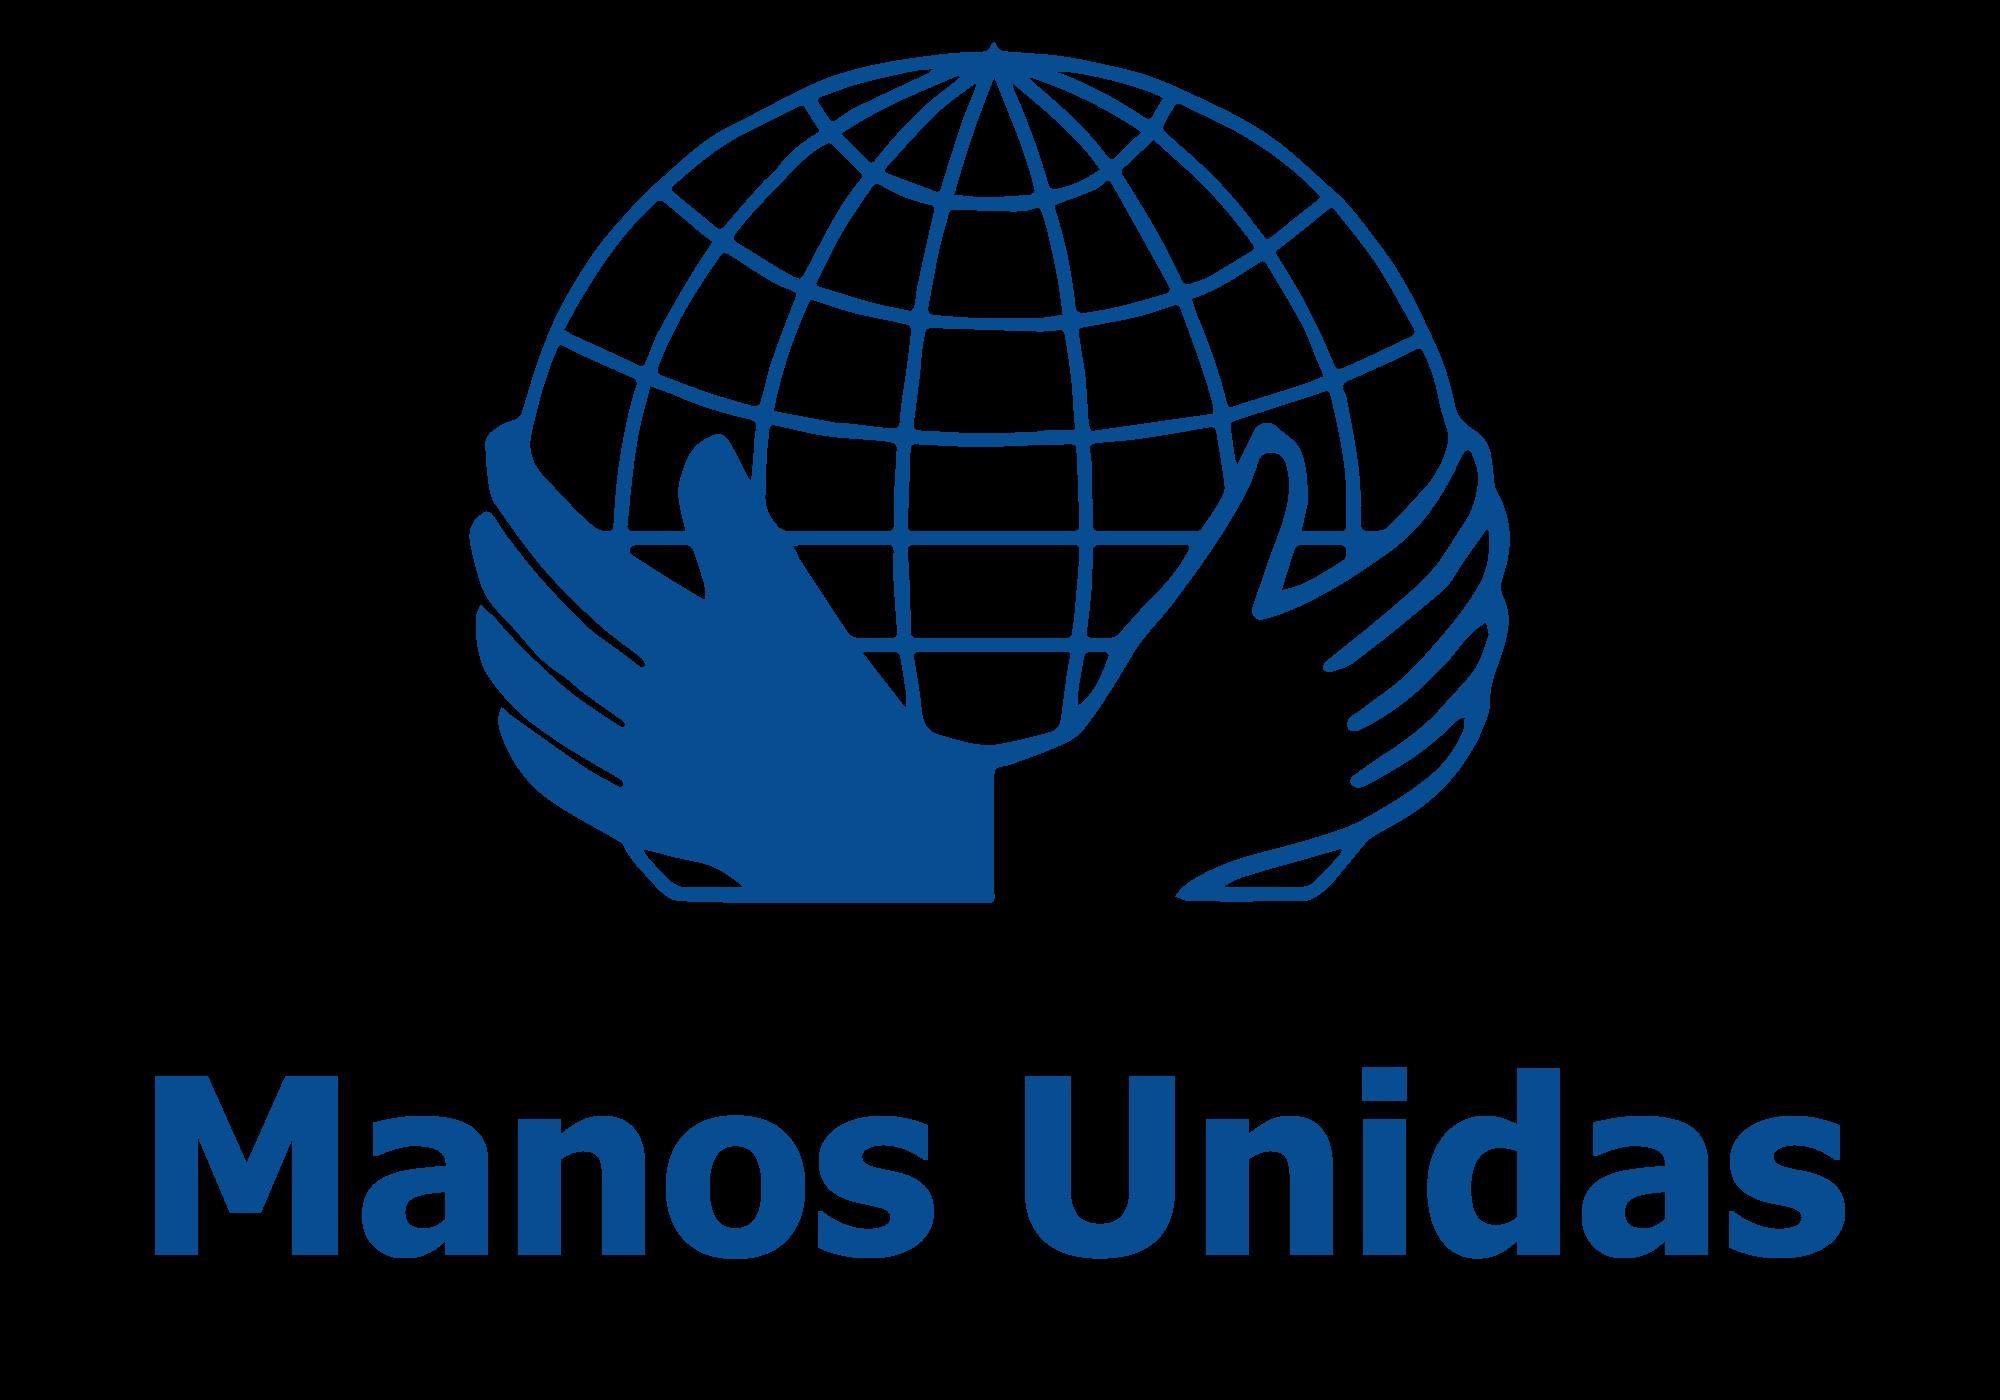 manos_unidas_2000x1400.png